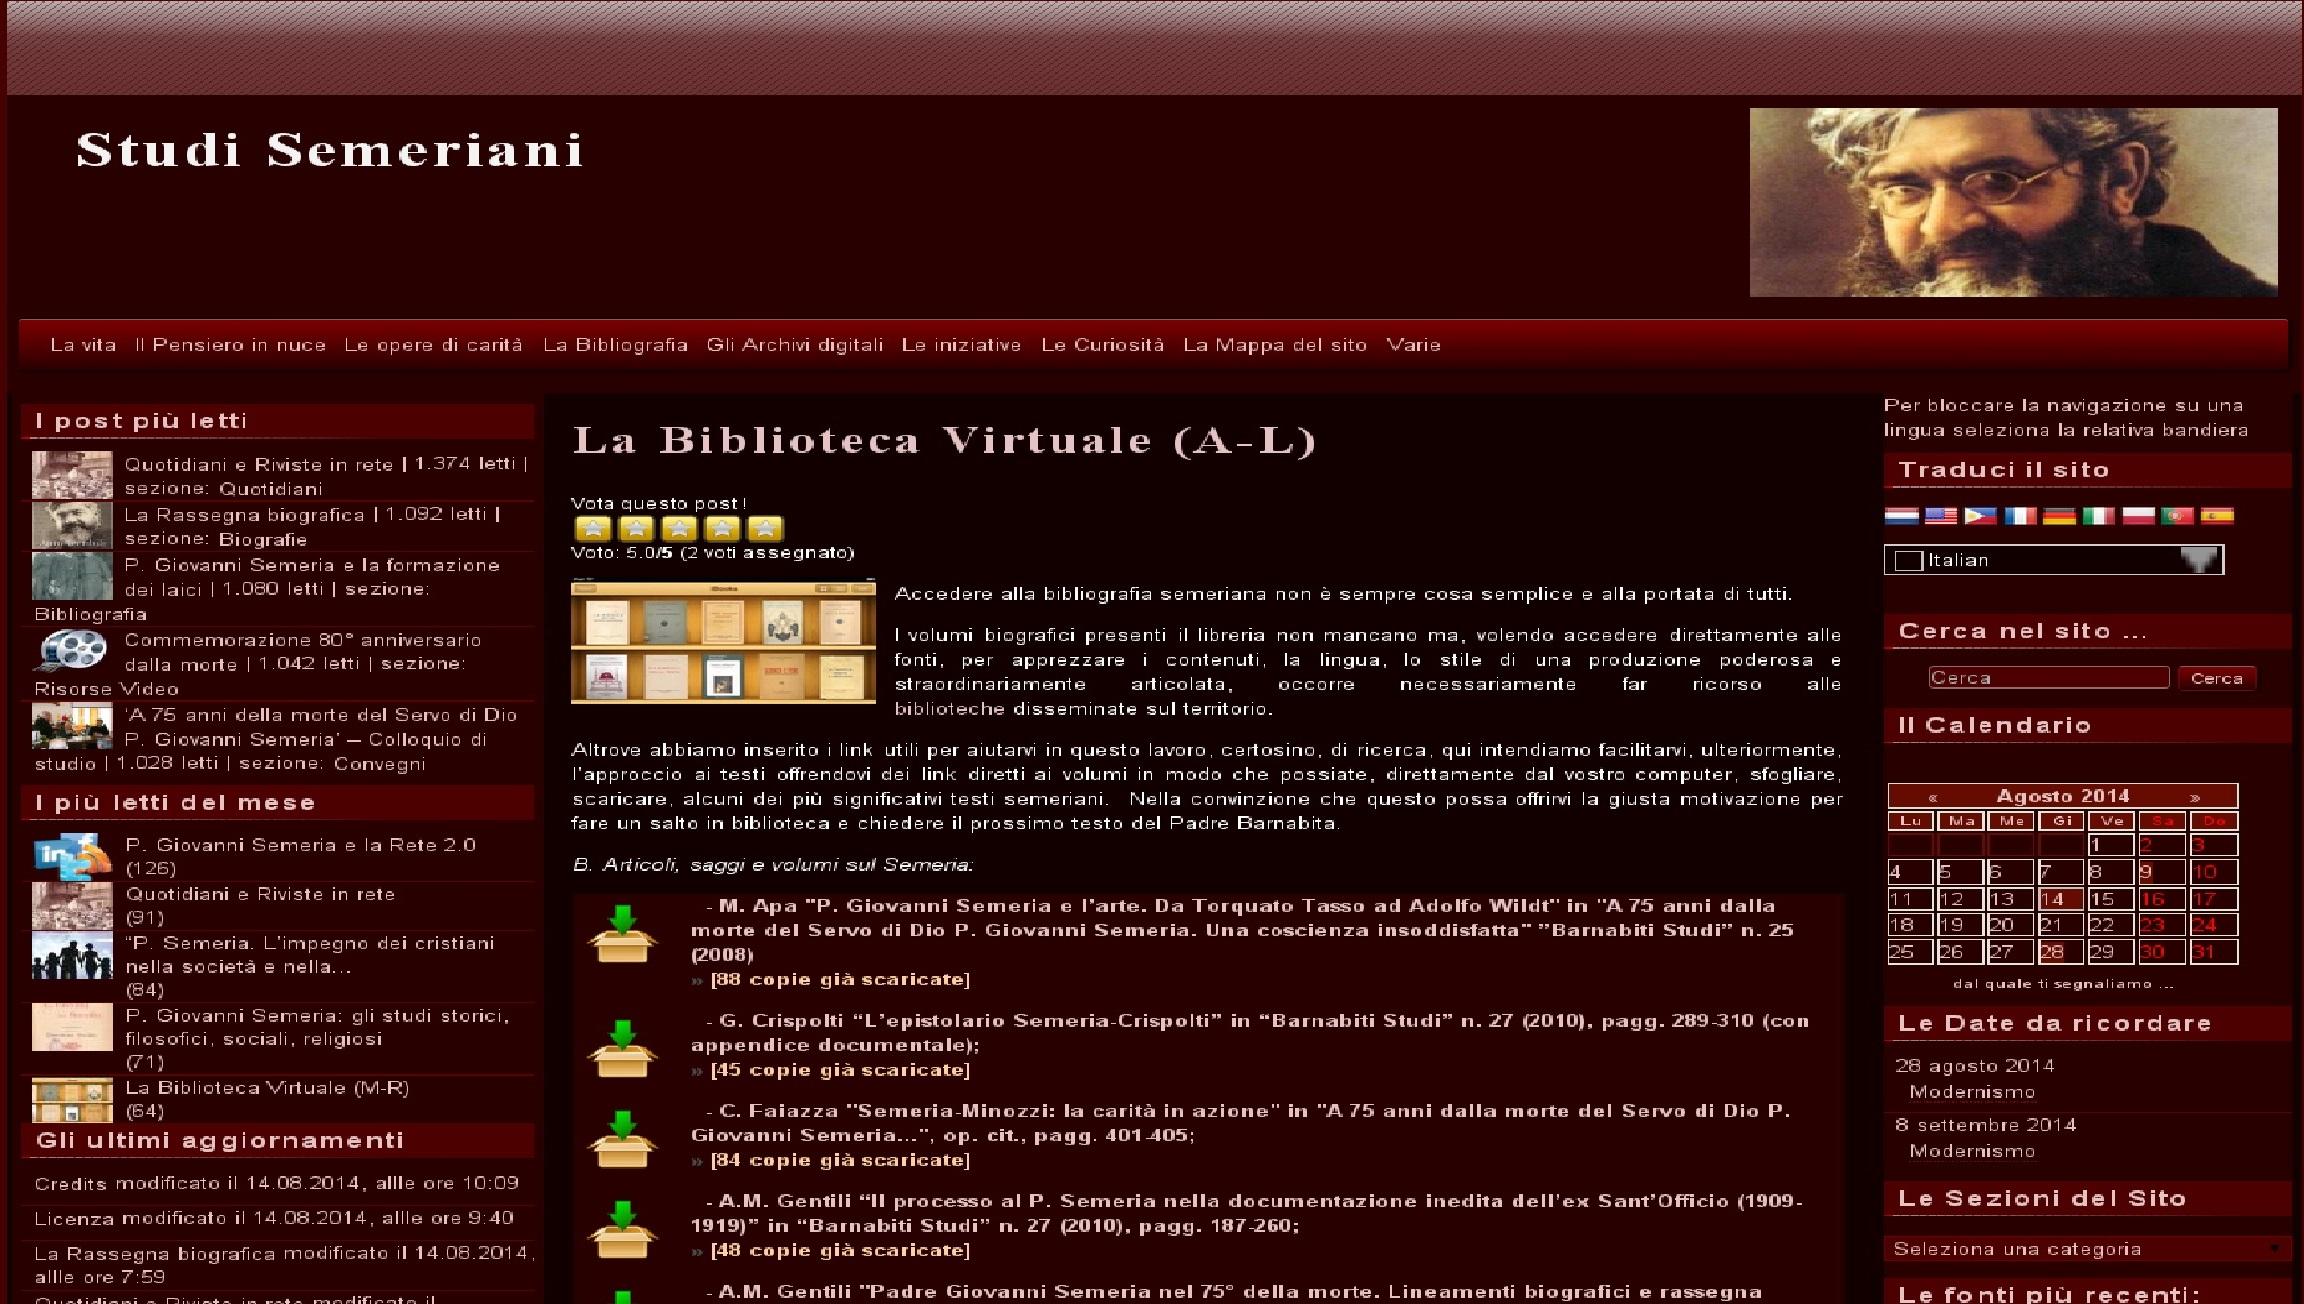 Studi Semeriani: archivio